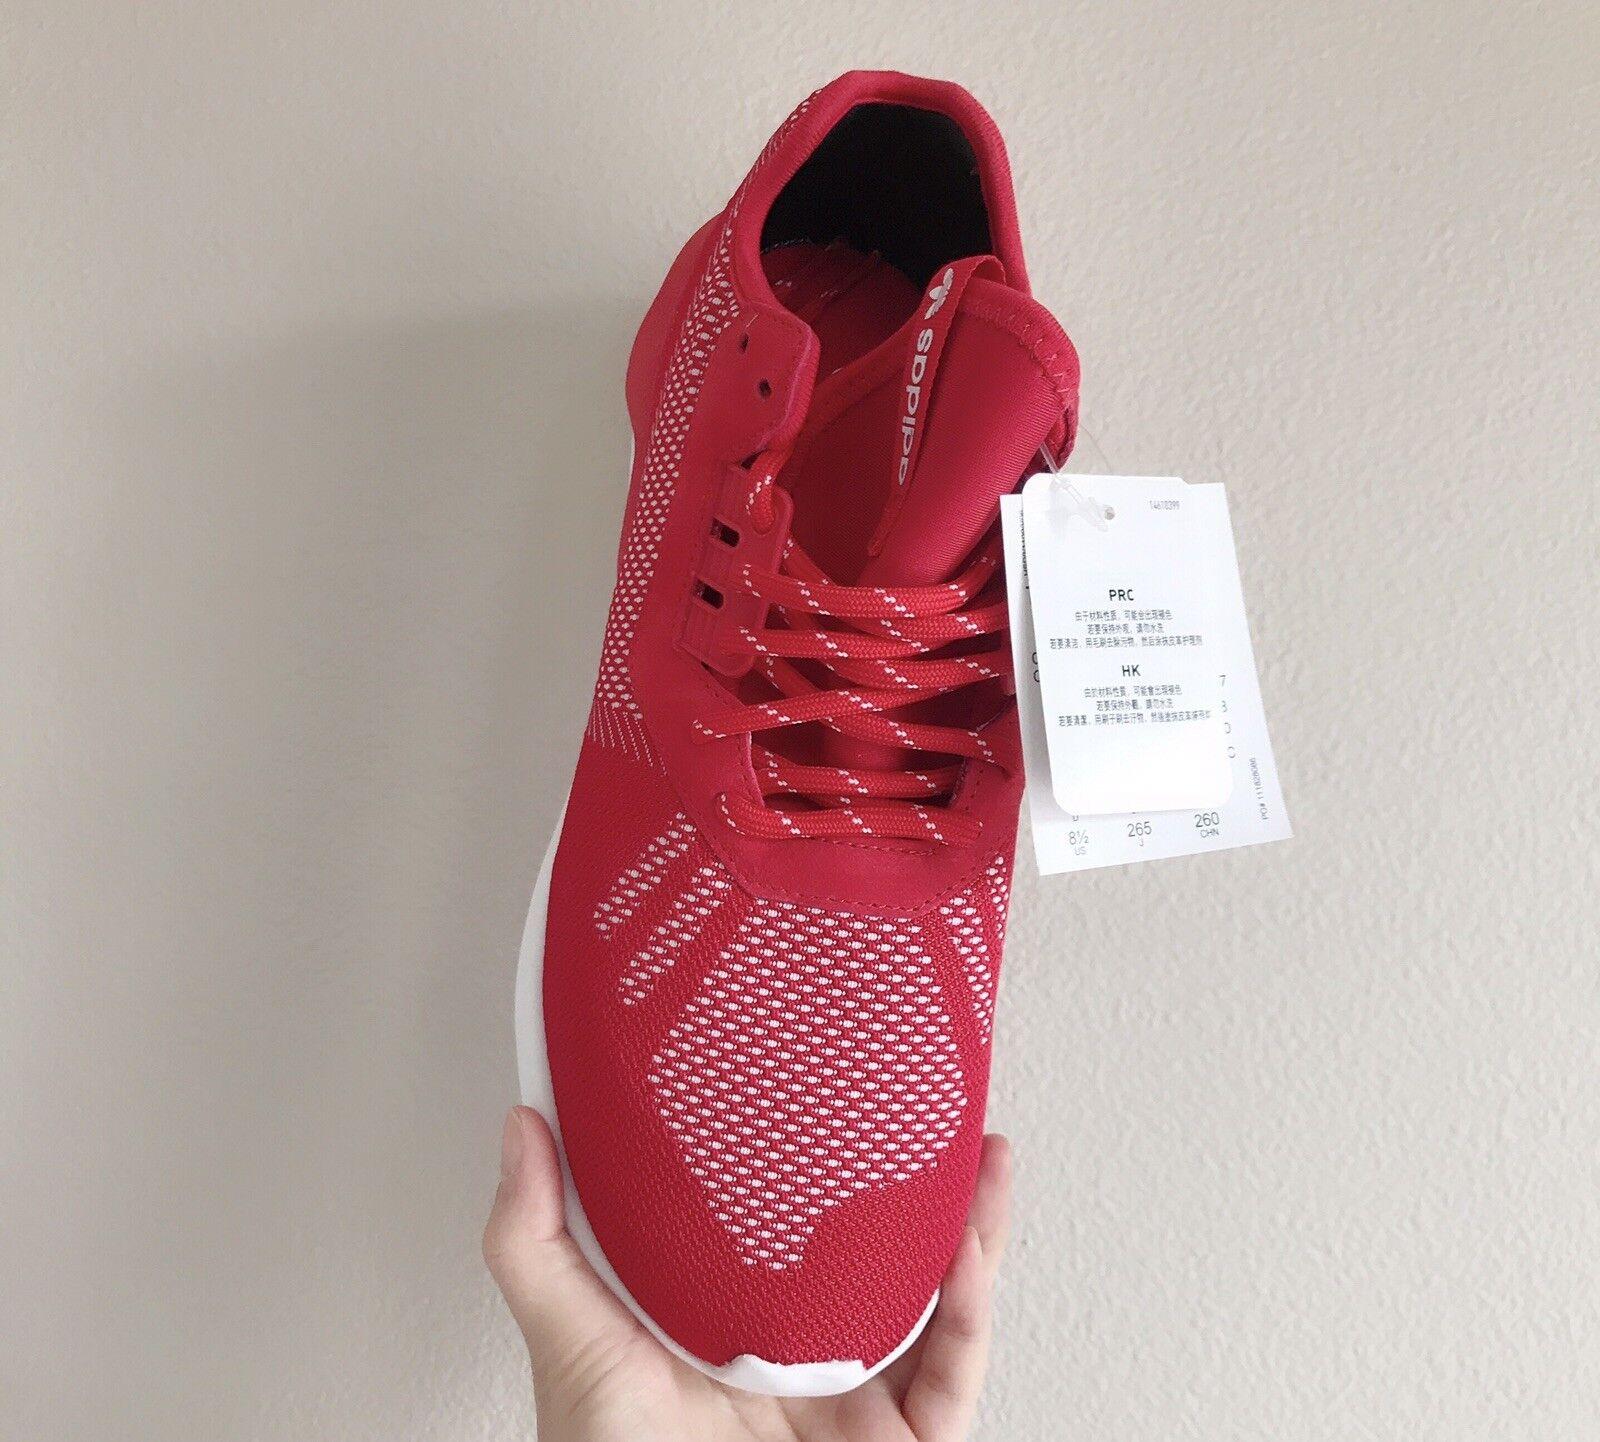 Adidas Tubular springaner Weave storlek 8.5 8.5 8.5  kommer att göra dig nöjd